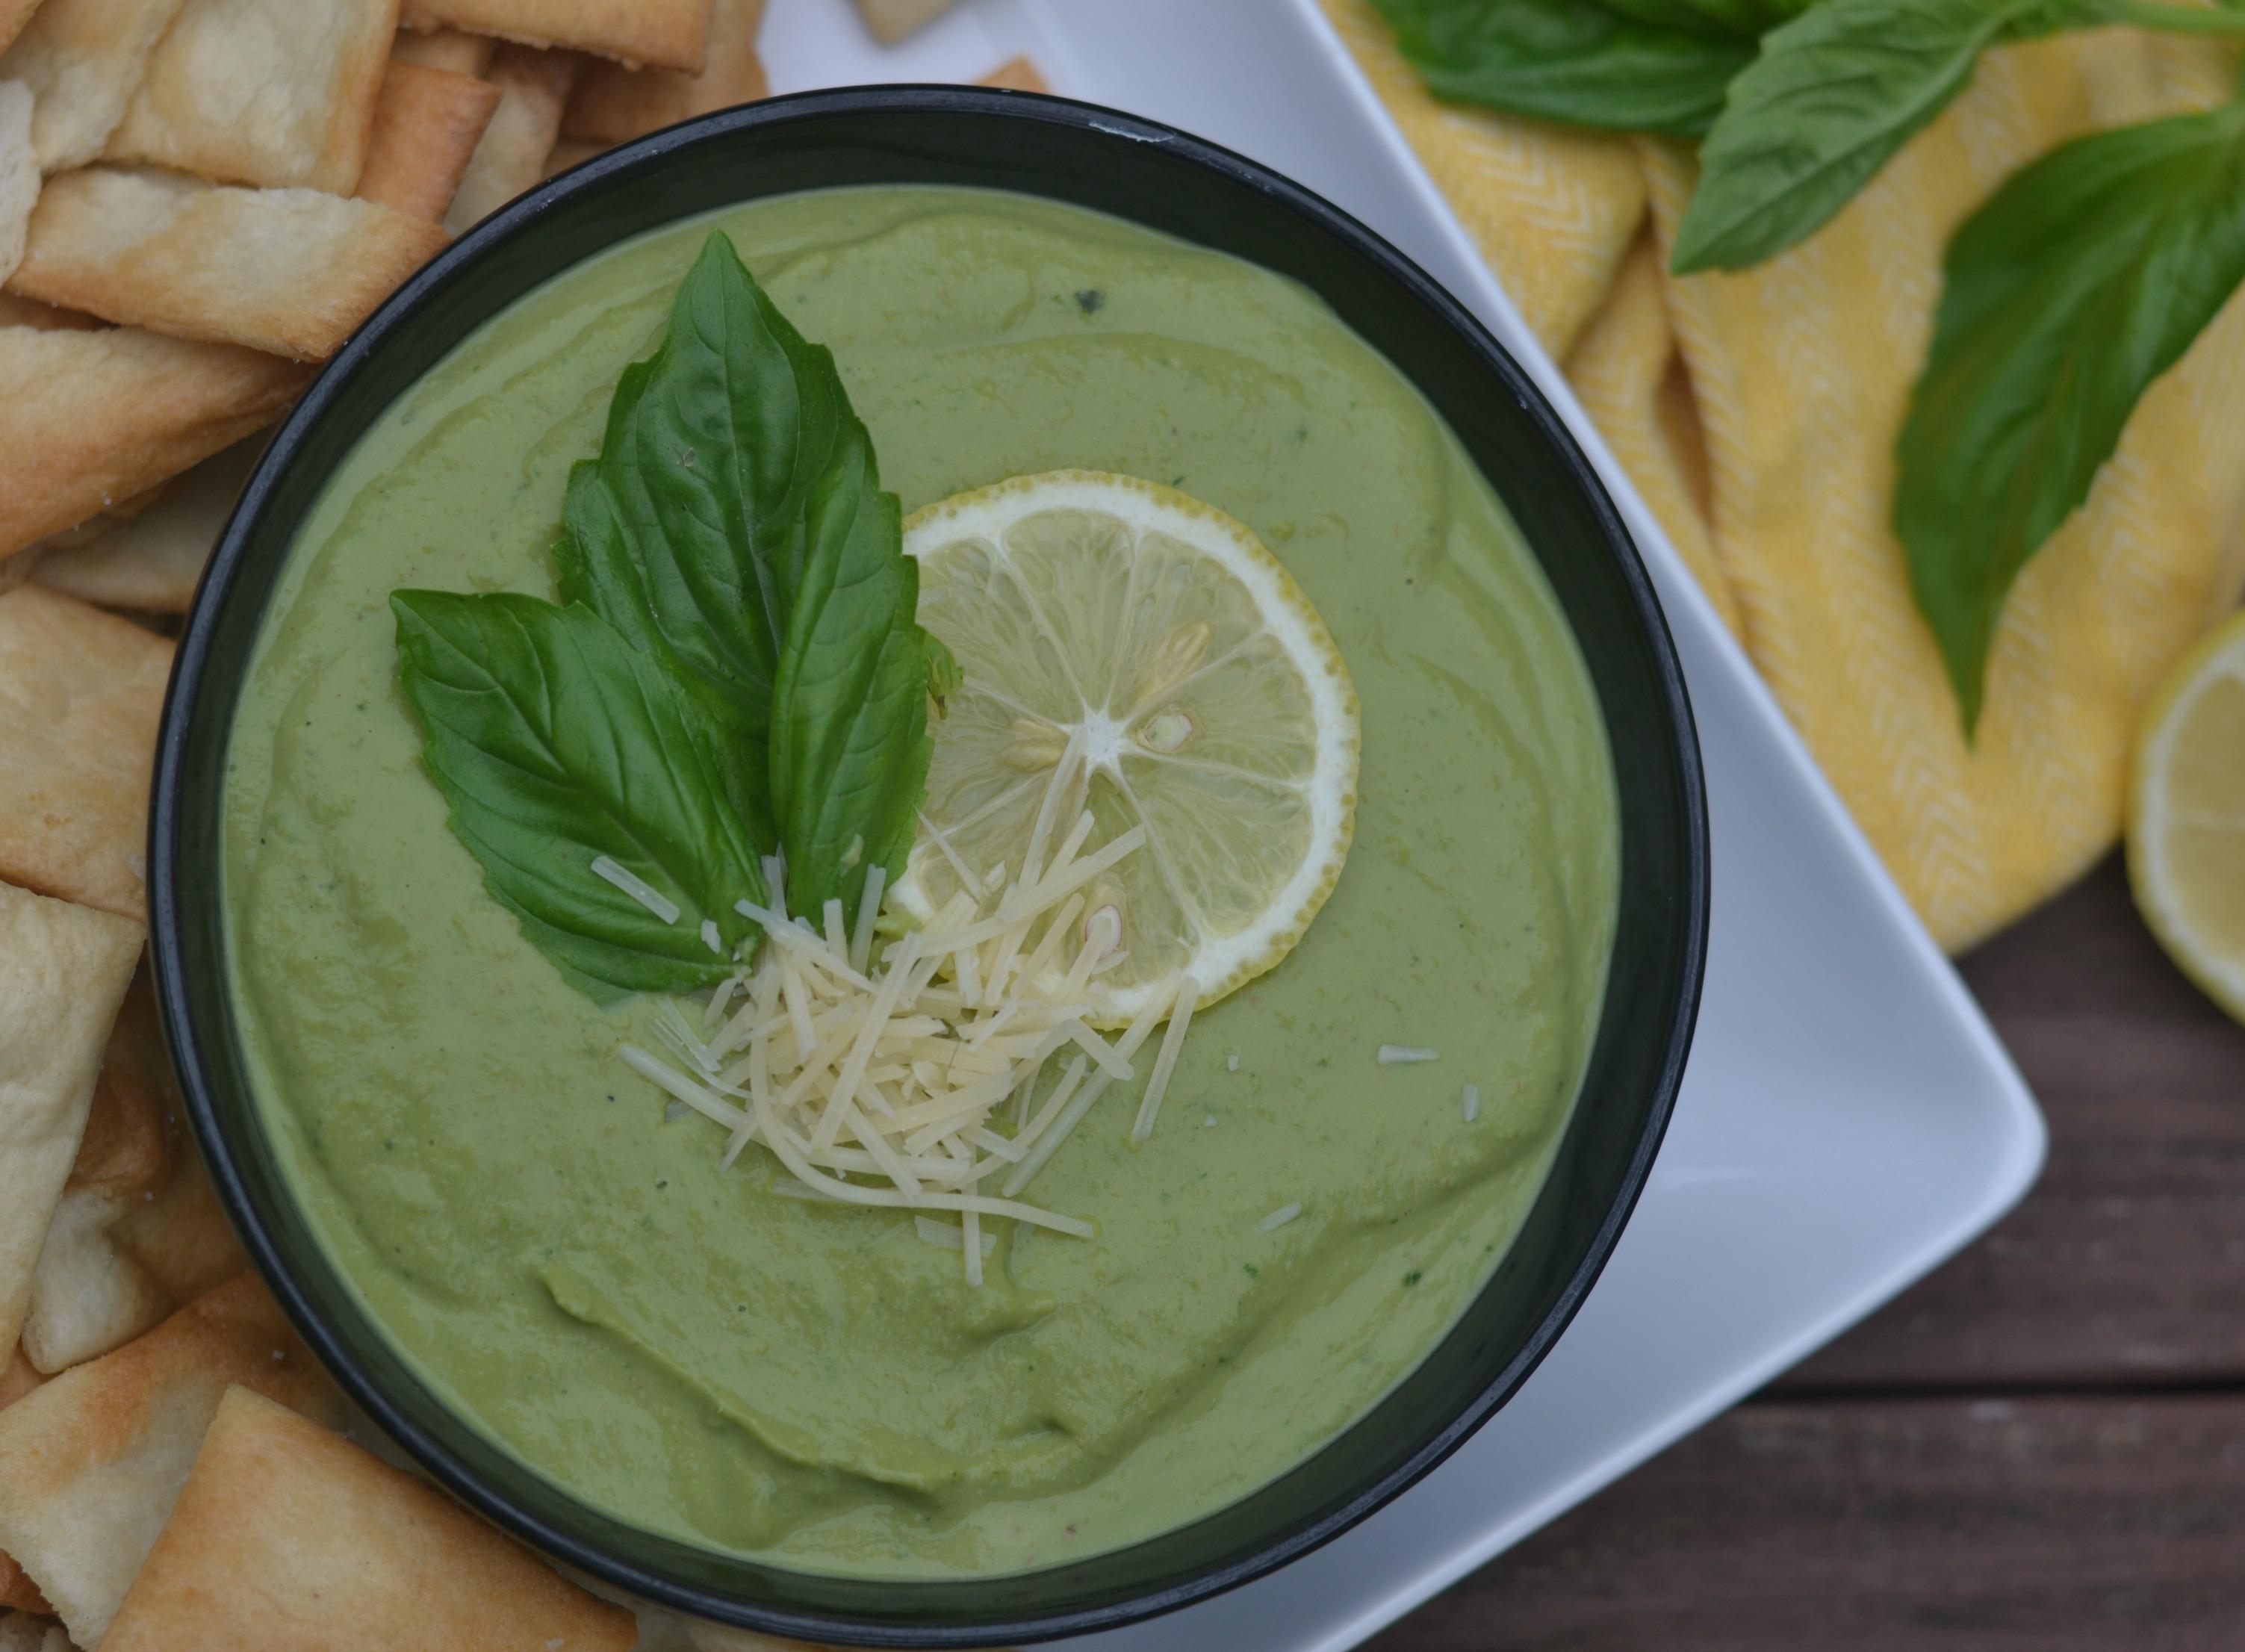 Copycat Zoe S Kitchen Hummus Recipe